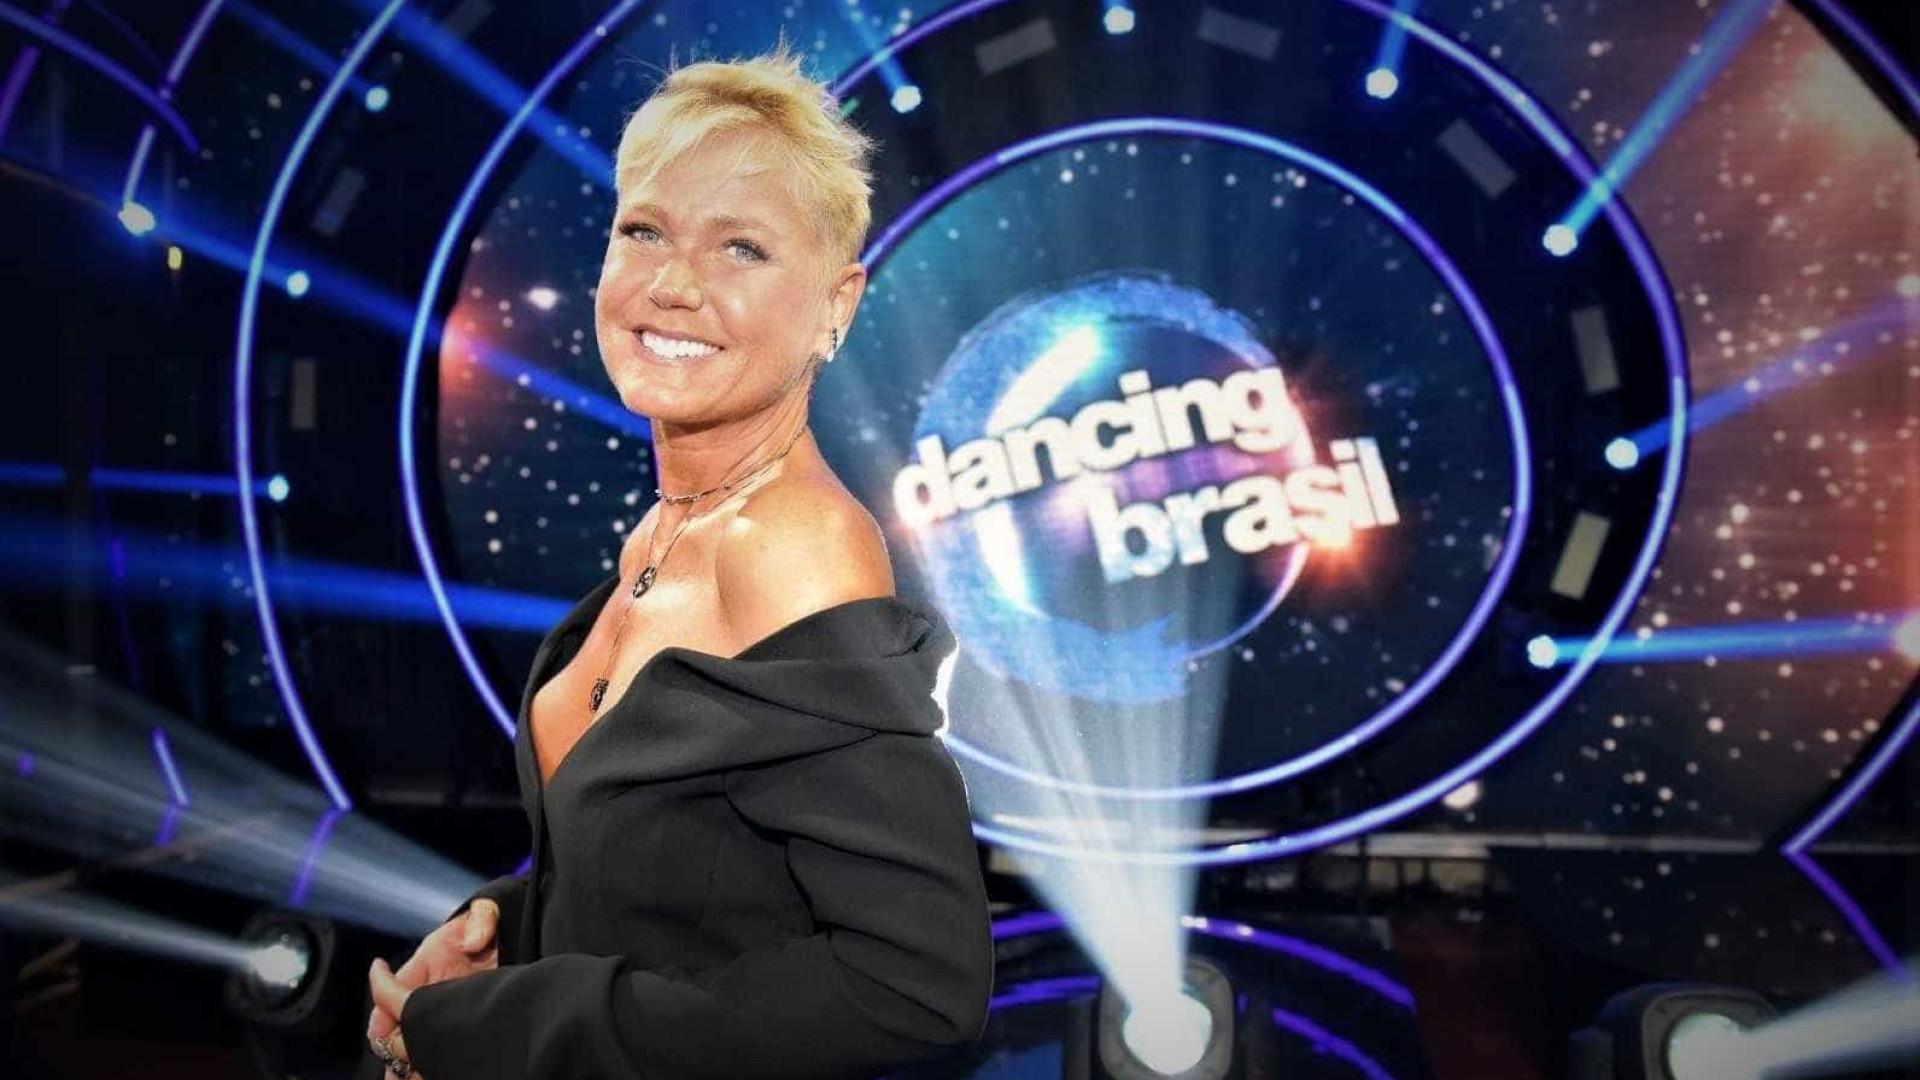 Xuxa cancela eliminação da semana no 'Dancing Brasil' após lesões